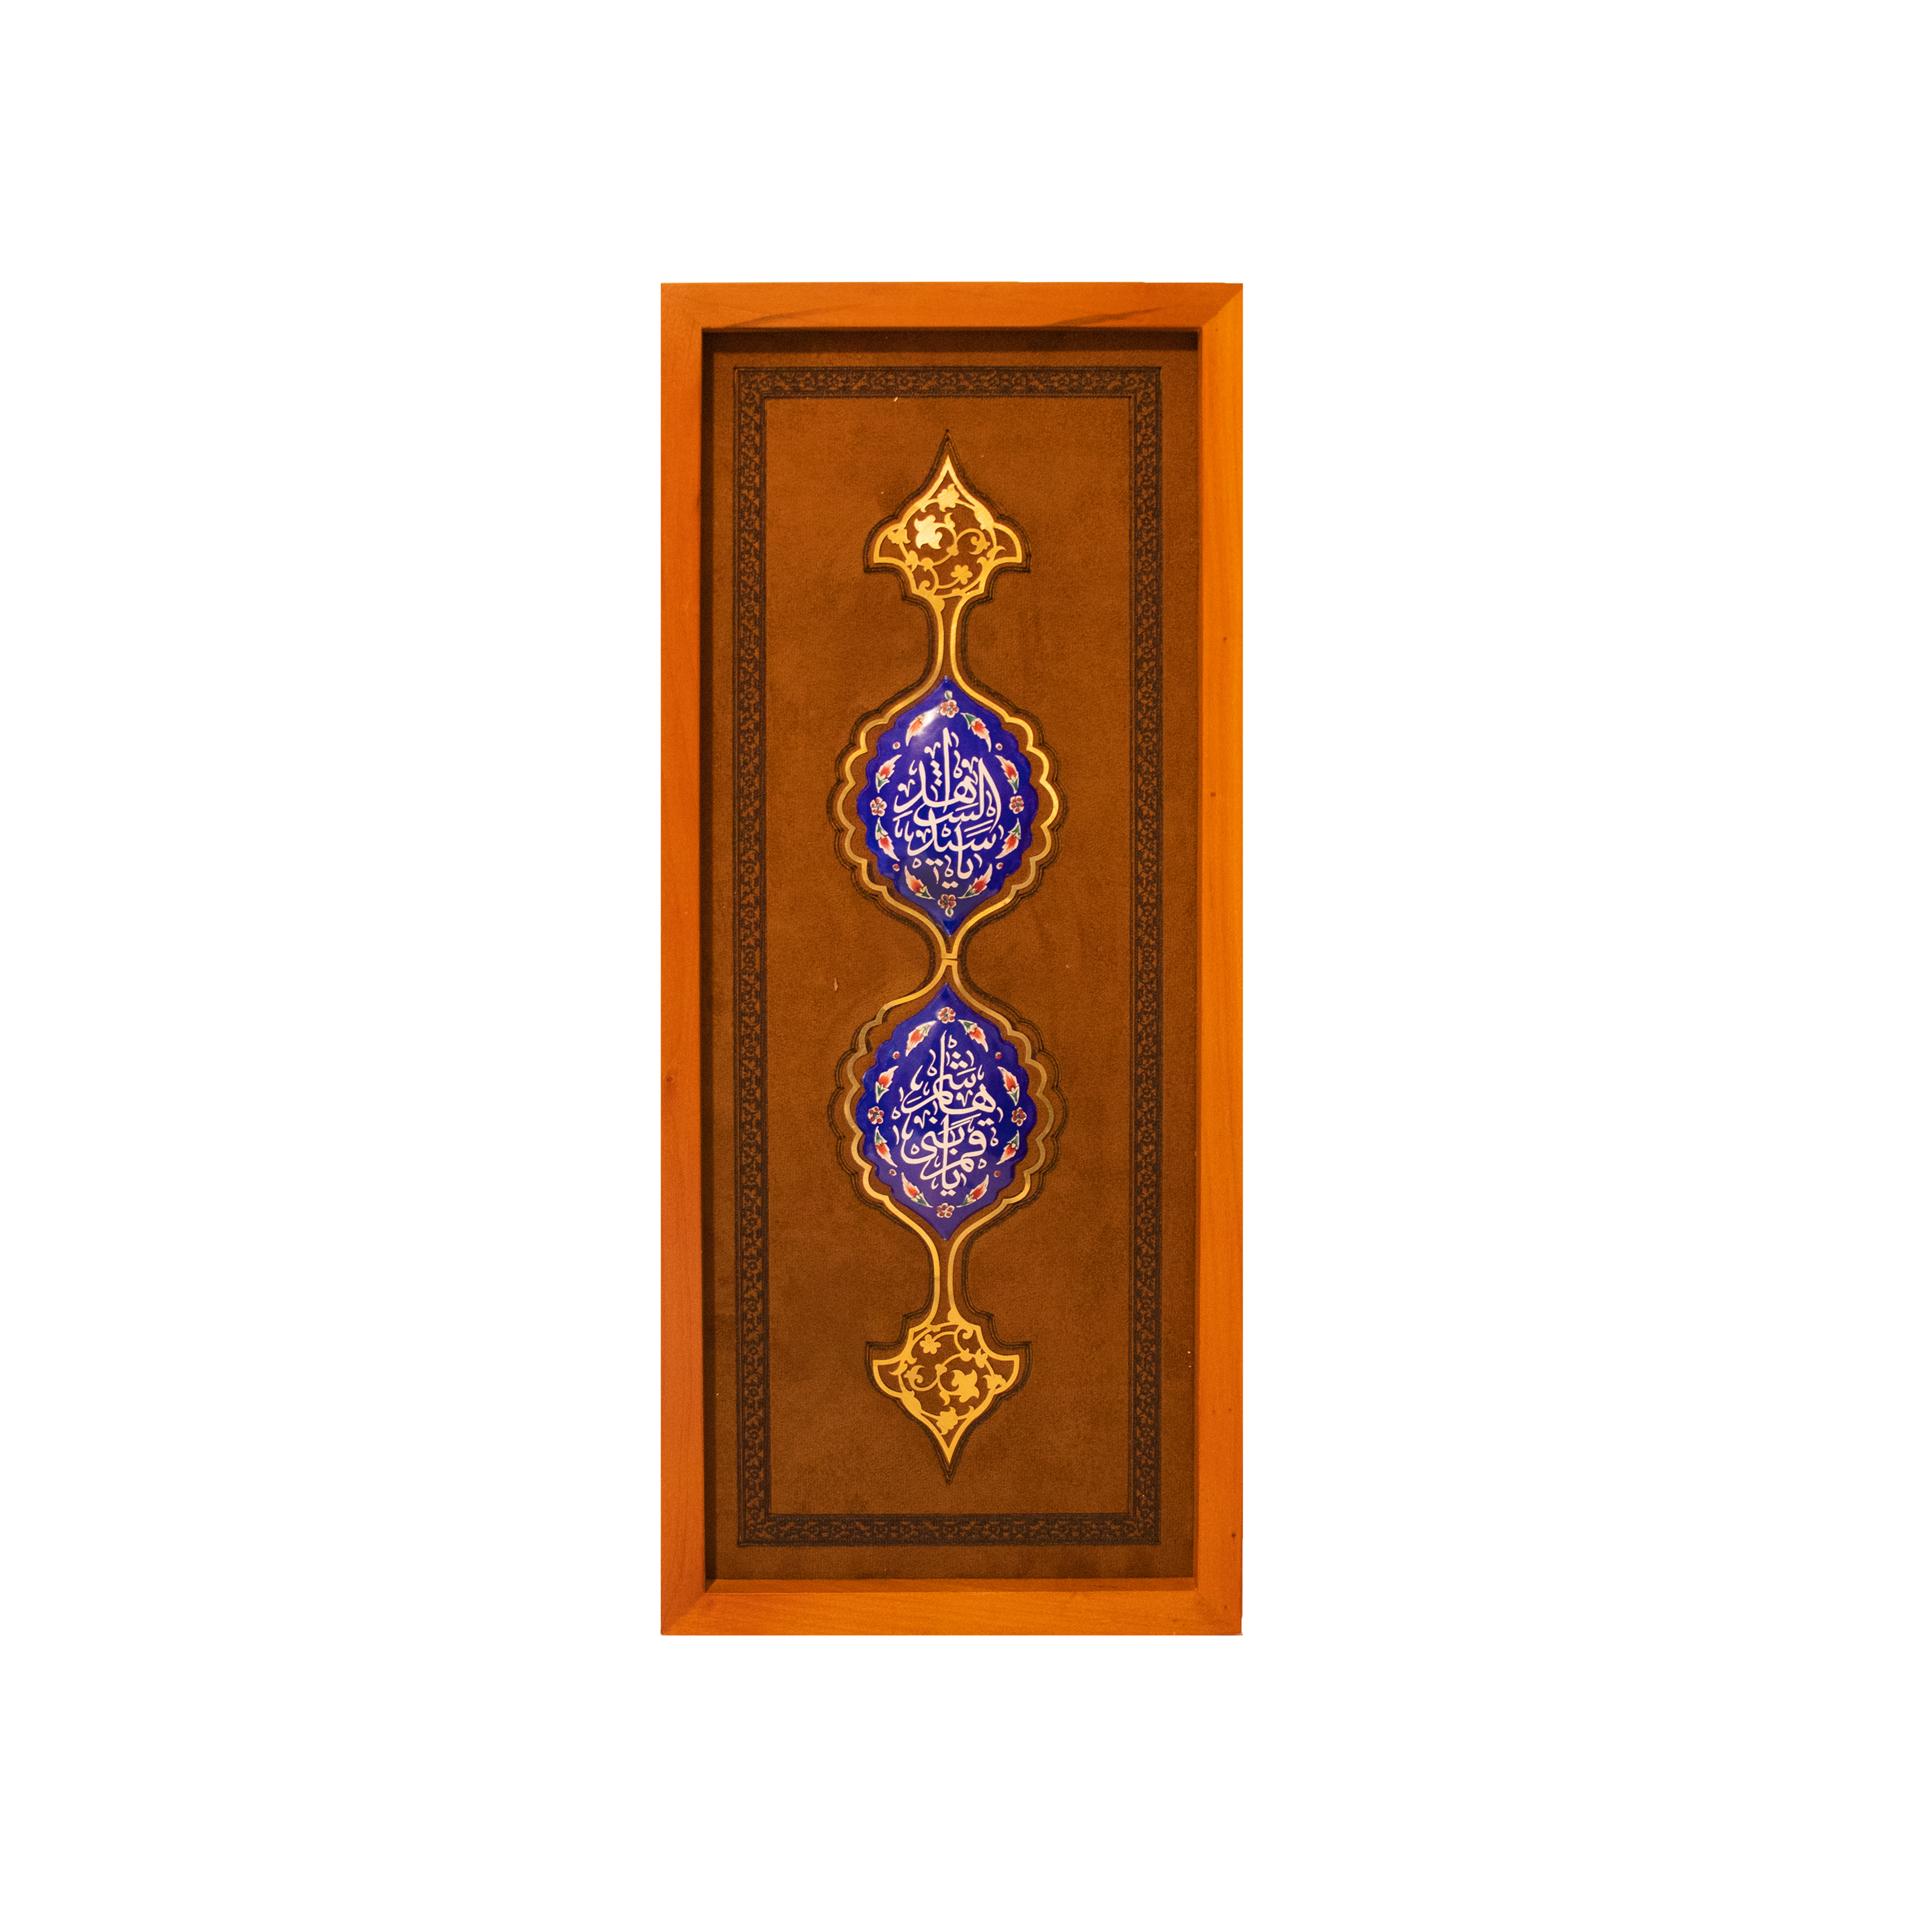 تصویر از قاب تمنا / امام حسین(ع) و حضرت عباس(ع)